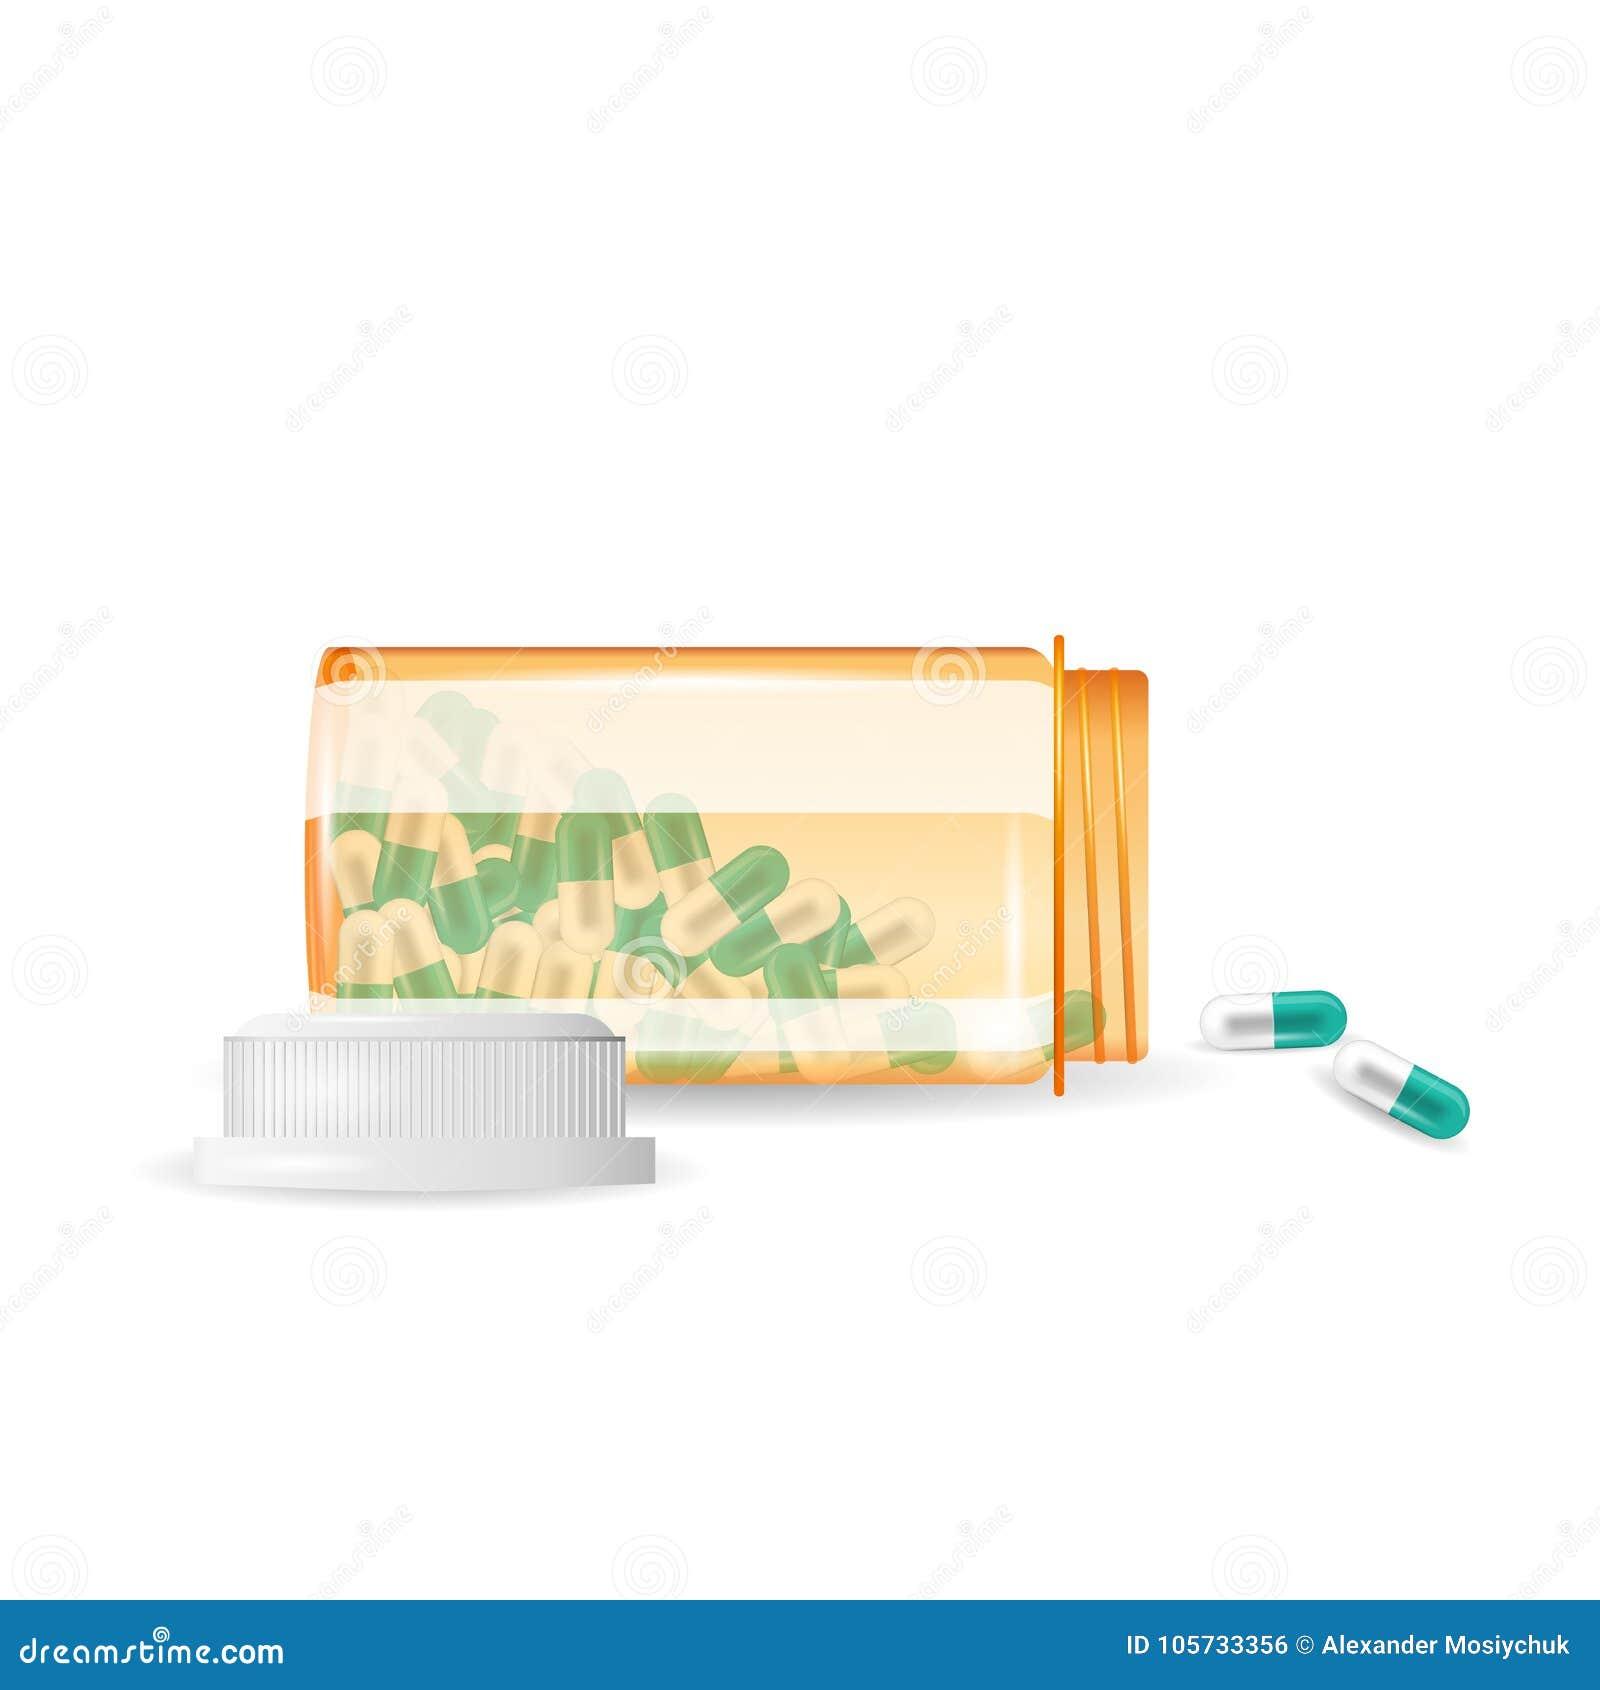 Pillen werden aus einer Flasche heraus verschüttet Realistische vektorabbildung Tablets in einer Flasche lokalisiert auf dem weiß